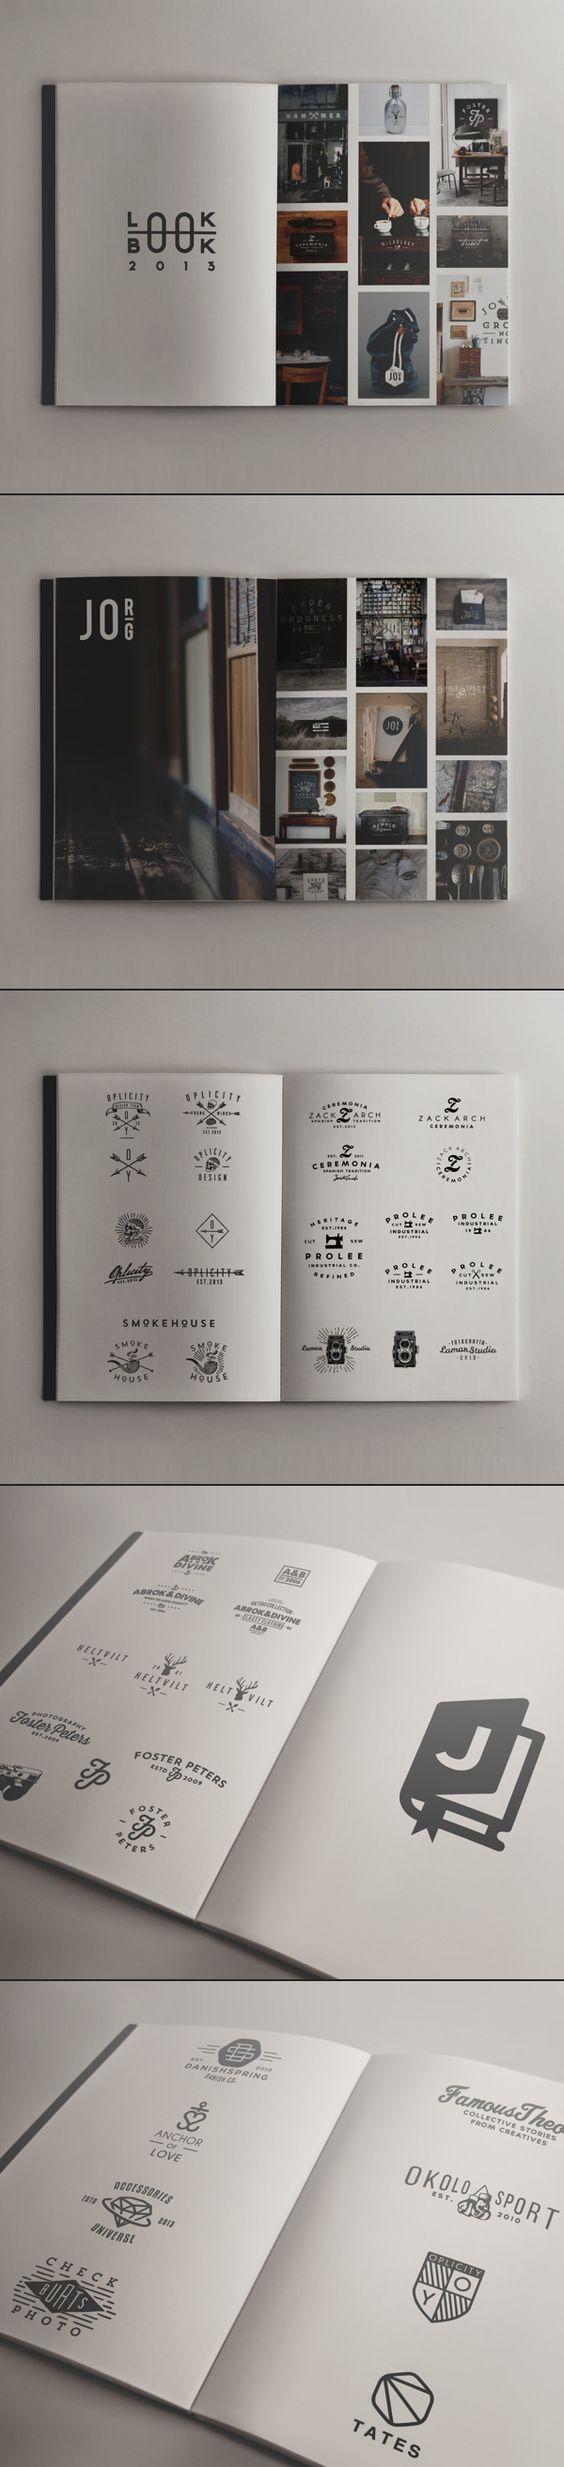 Lookbook 2013 by Jorgen Grotdal on Behance: